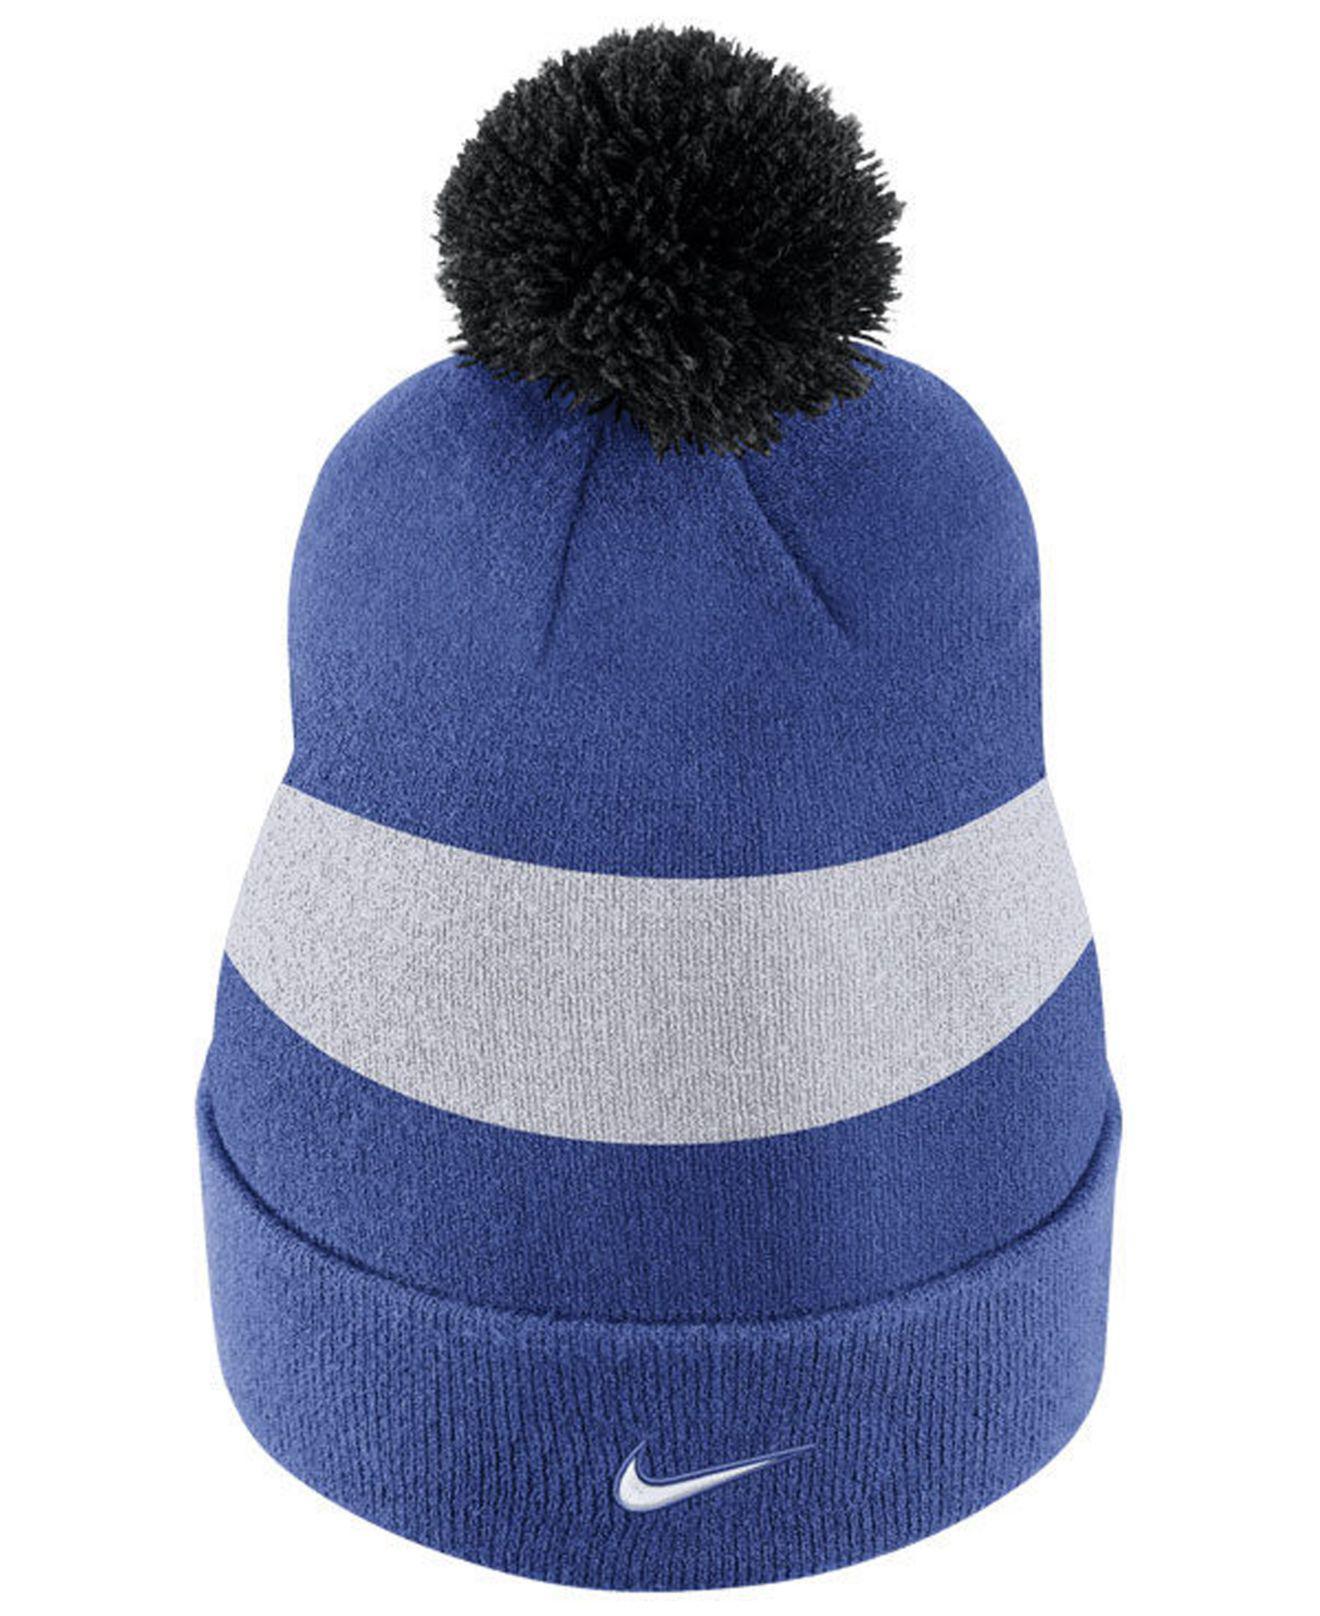 95fb9f18d78 Lyst - Nike Duke Blue Devils Sideline Knit Hat in Blue